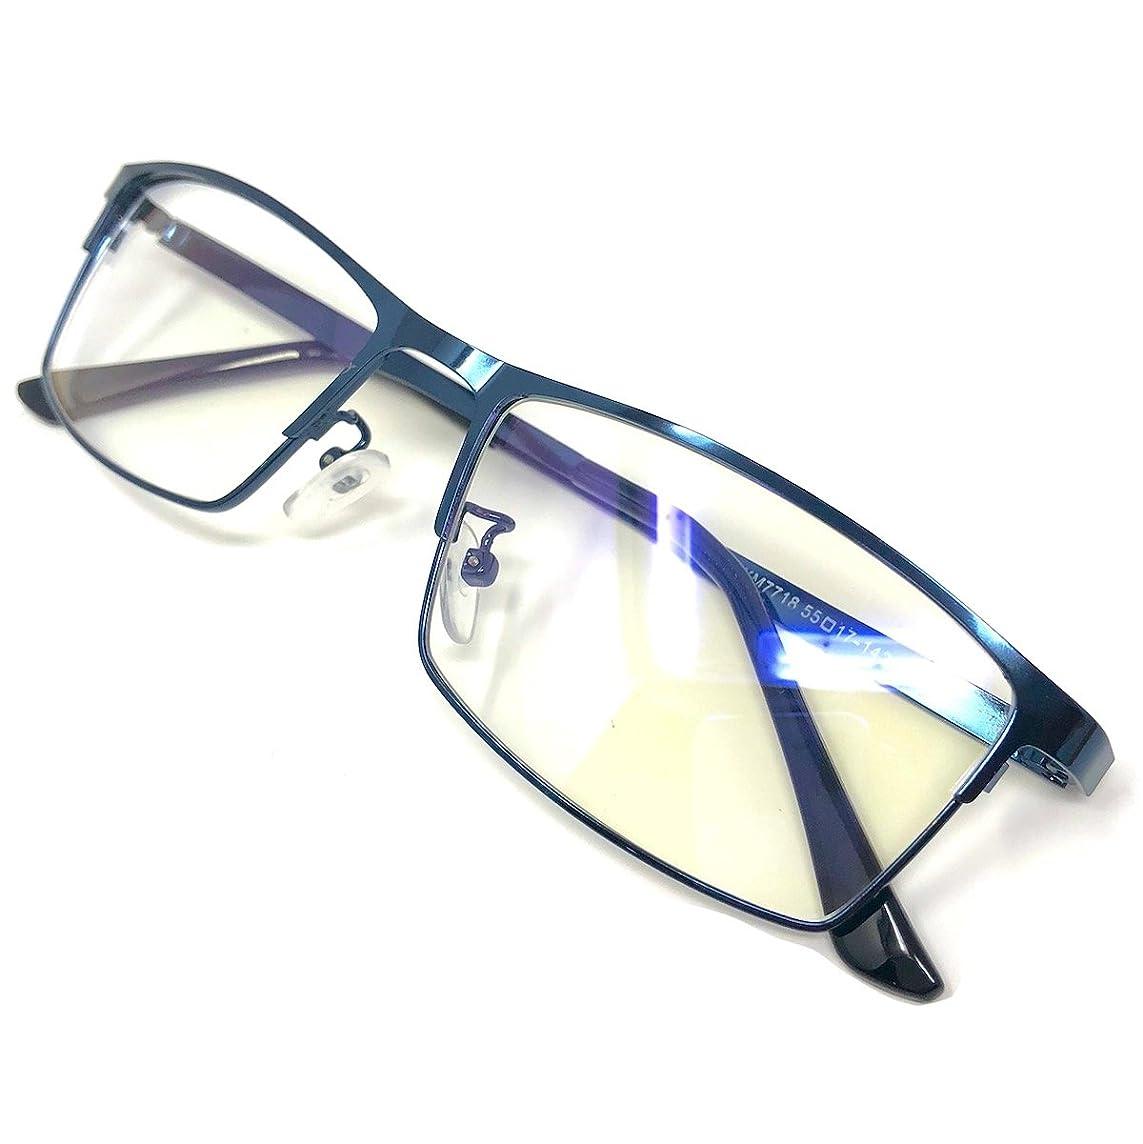 キャラクターペチコート王室FREESE 伊達メガネ ブルーライトカット PCメガネ ファッション伊達眼鏡 UVカット おしゃれ メタルフレーム クロス&ケース